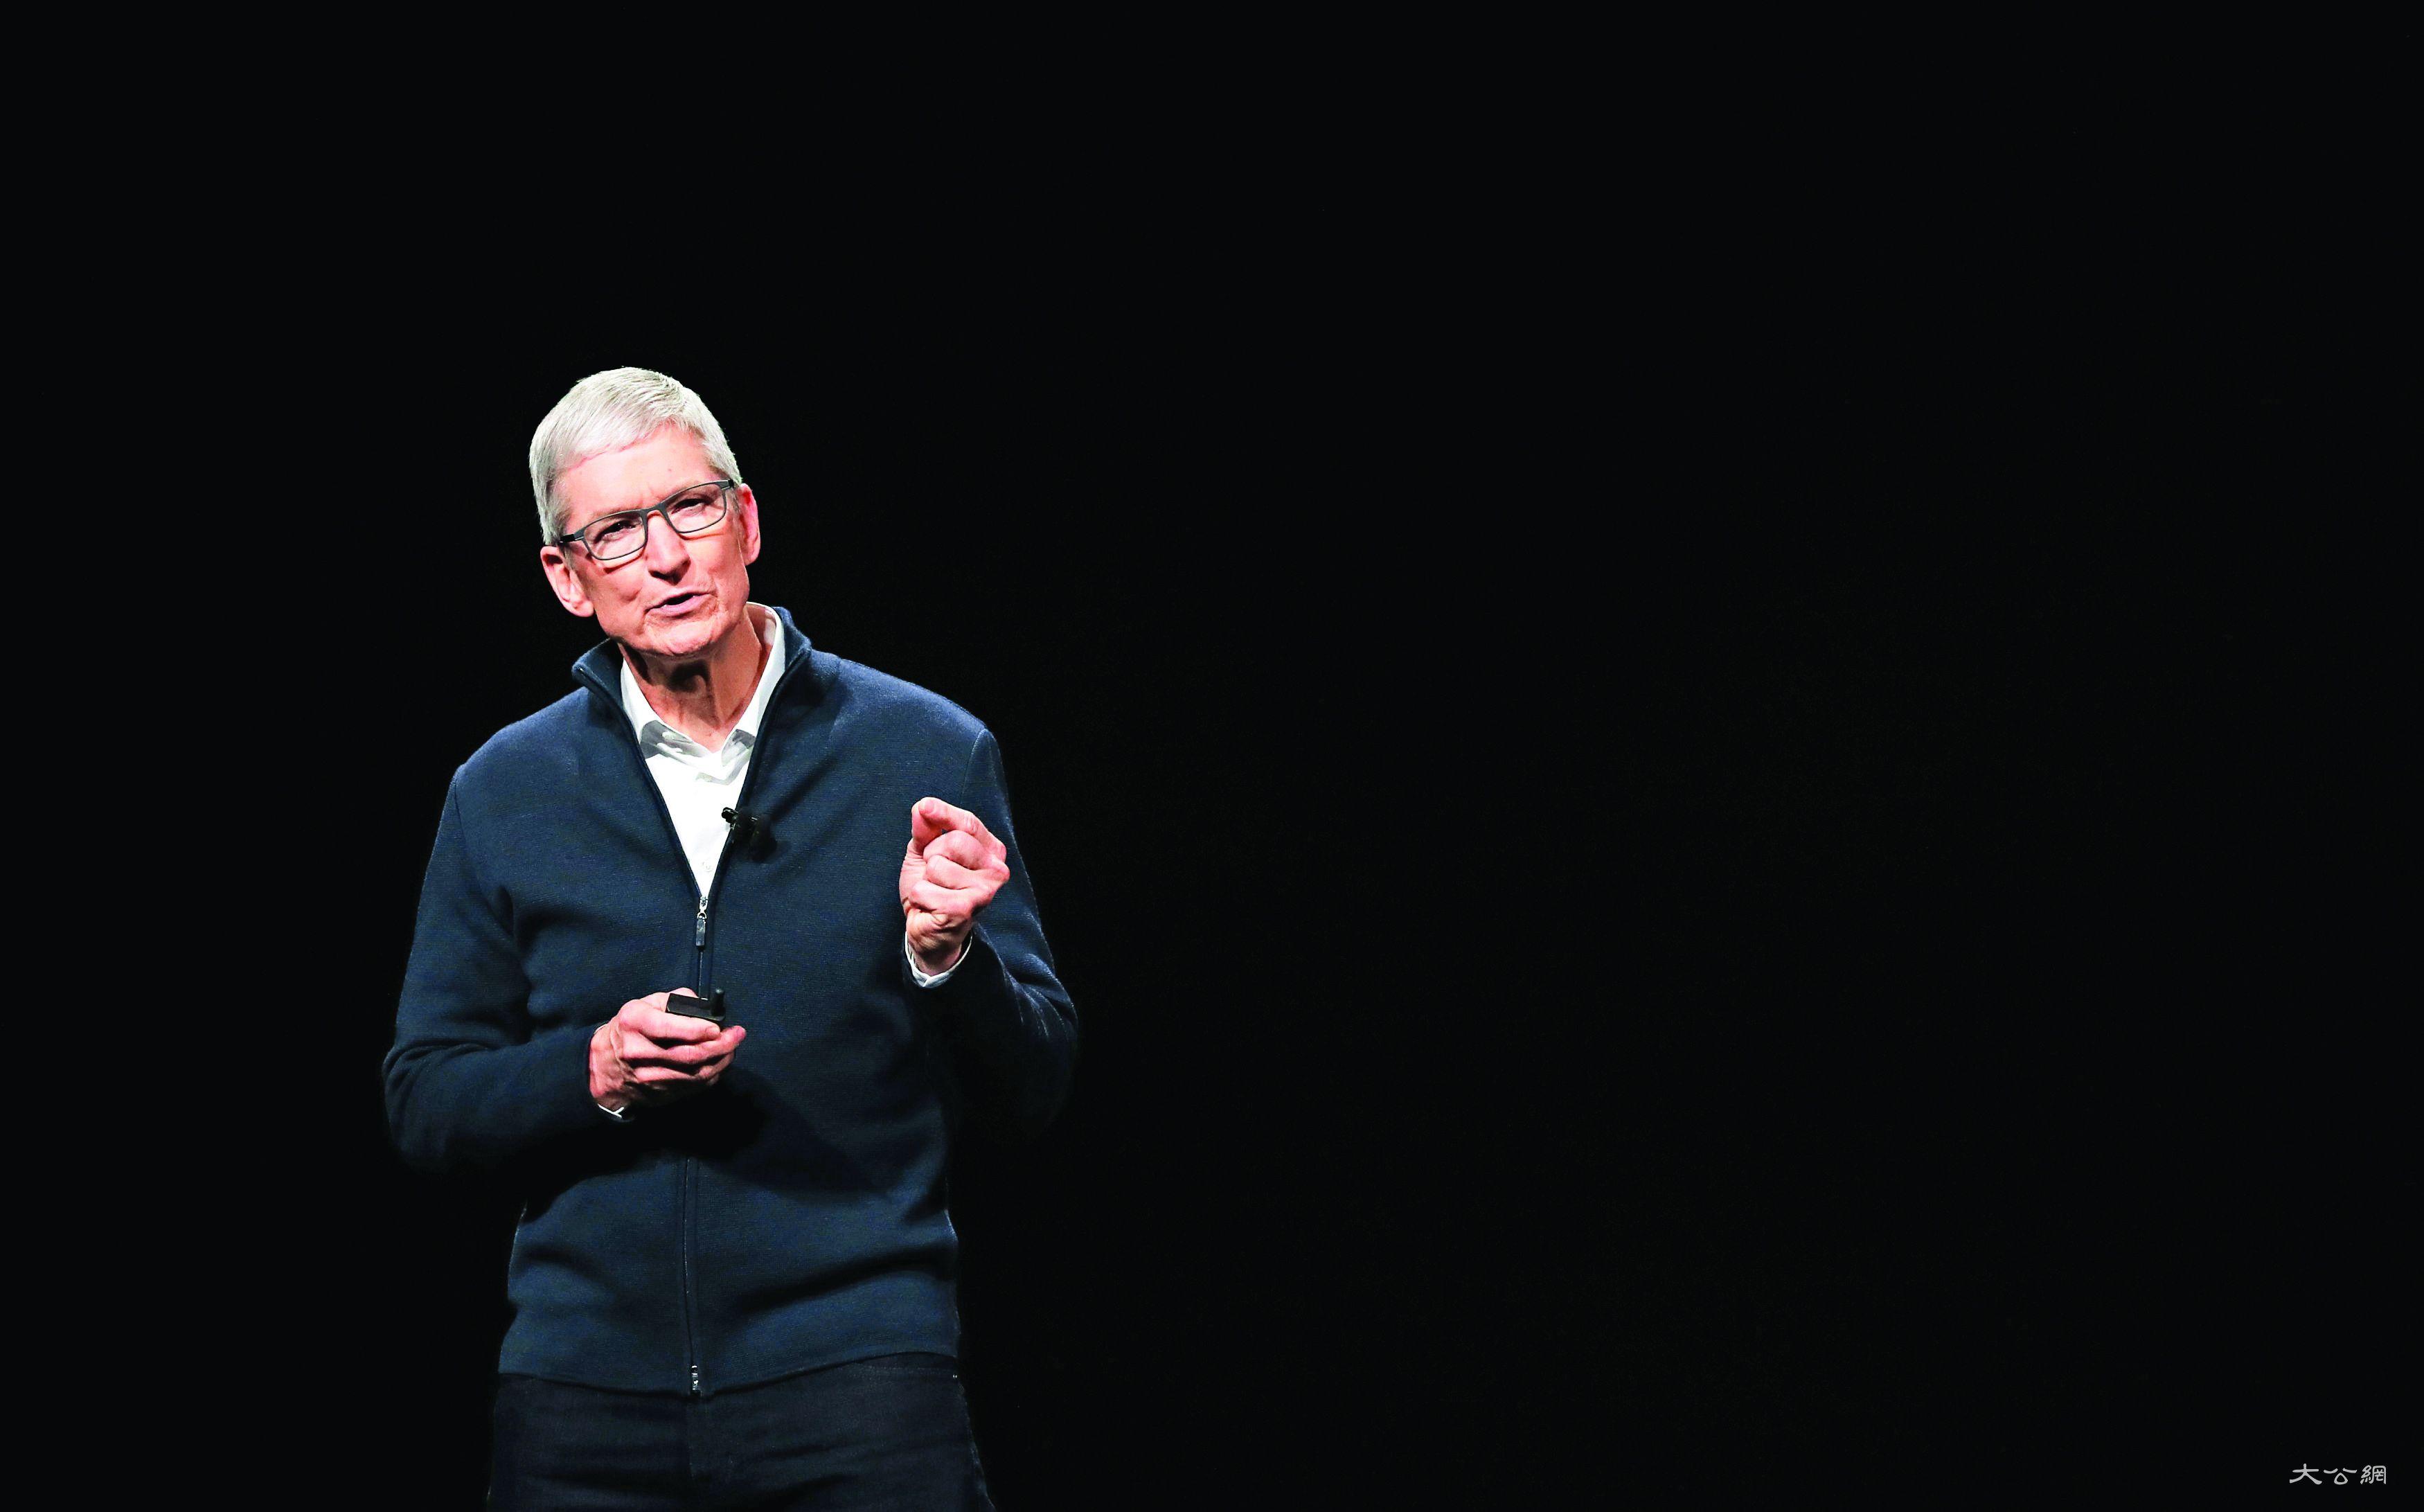 苹果CEO警告加征关税将损害苹果竞争力